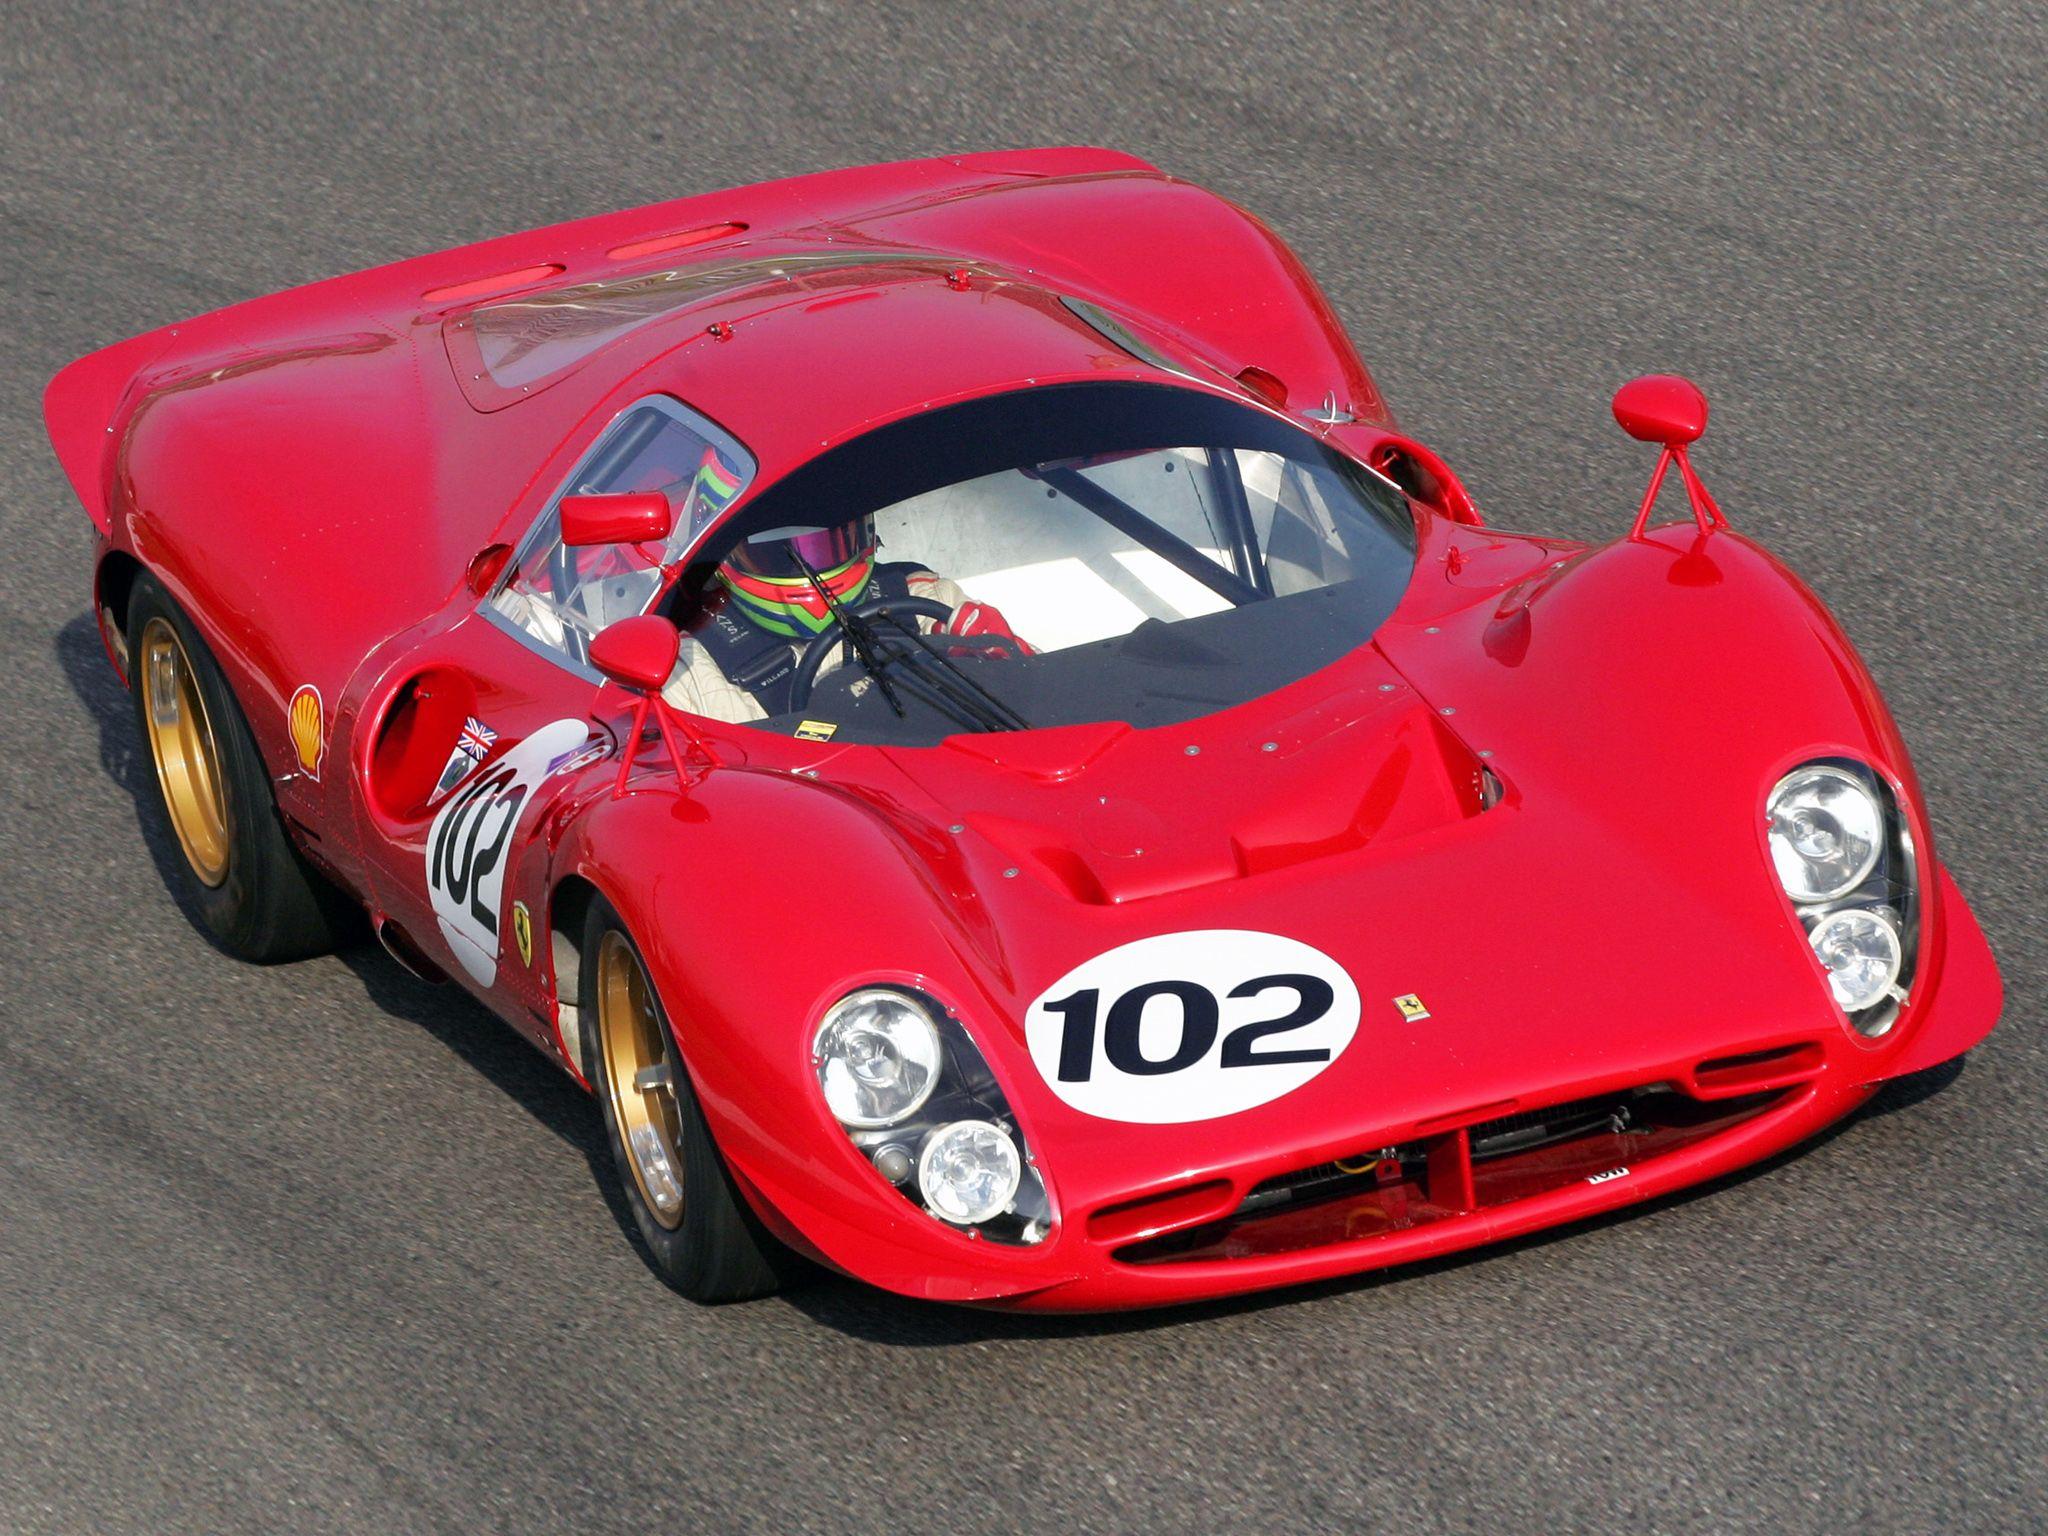 4d713ad7d40709096ef4c48d82c40b66 Elegant Ferrari F 108 Al-mondial 8 Cars Trend